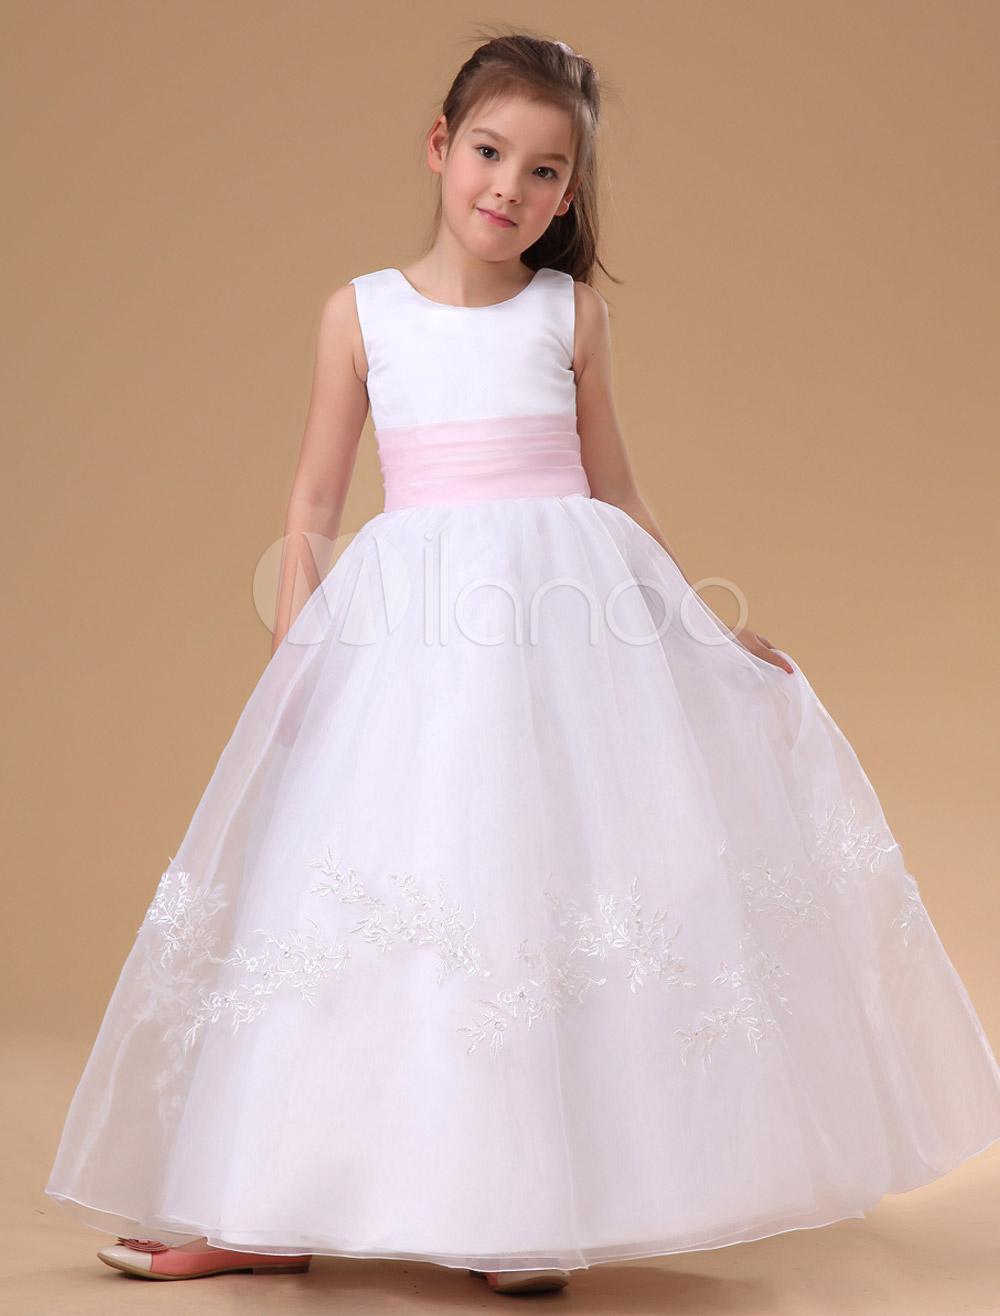 Weiße Blumenmädchen Kleider 2018 Spitze Applique Kids Party Kleid ...